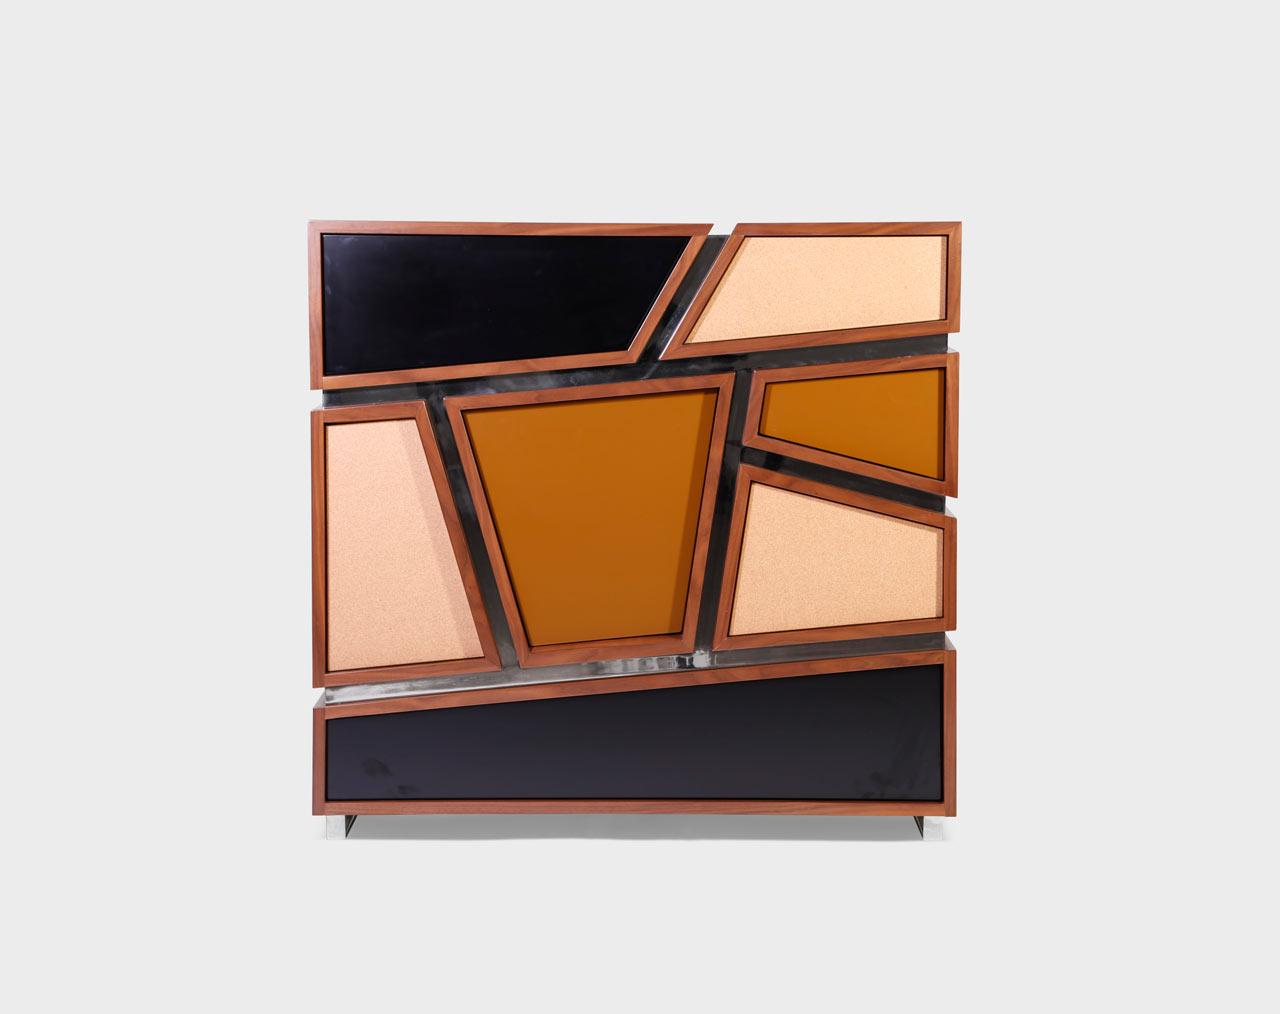 vence-picchio-furniture-storage-1